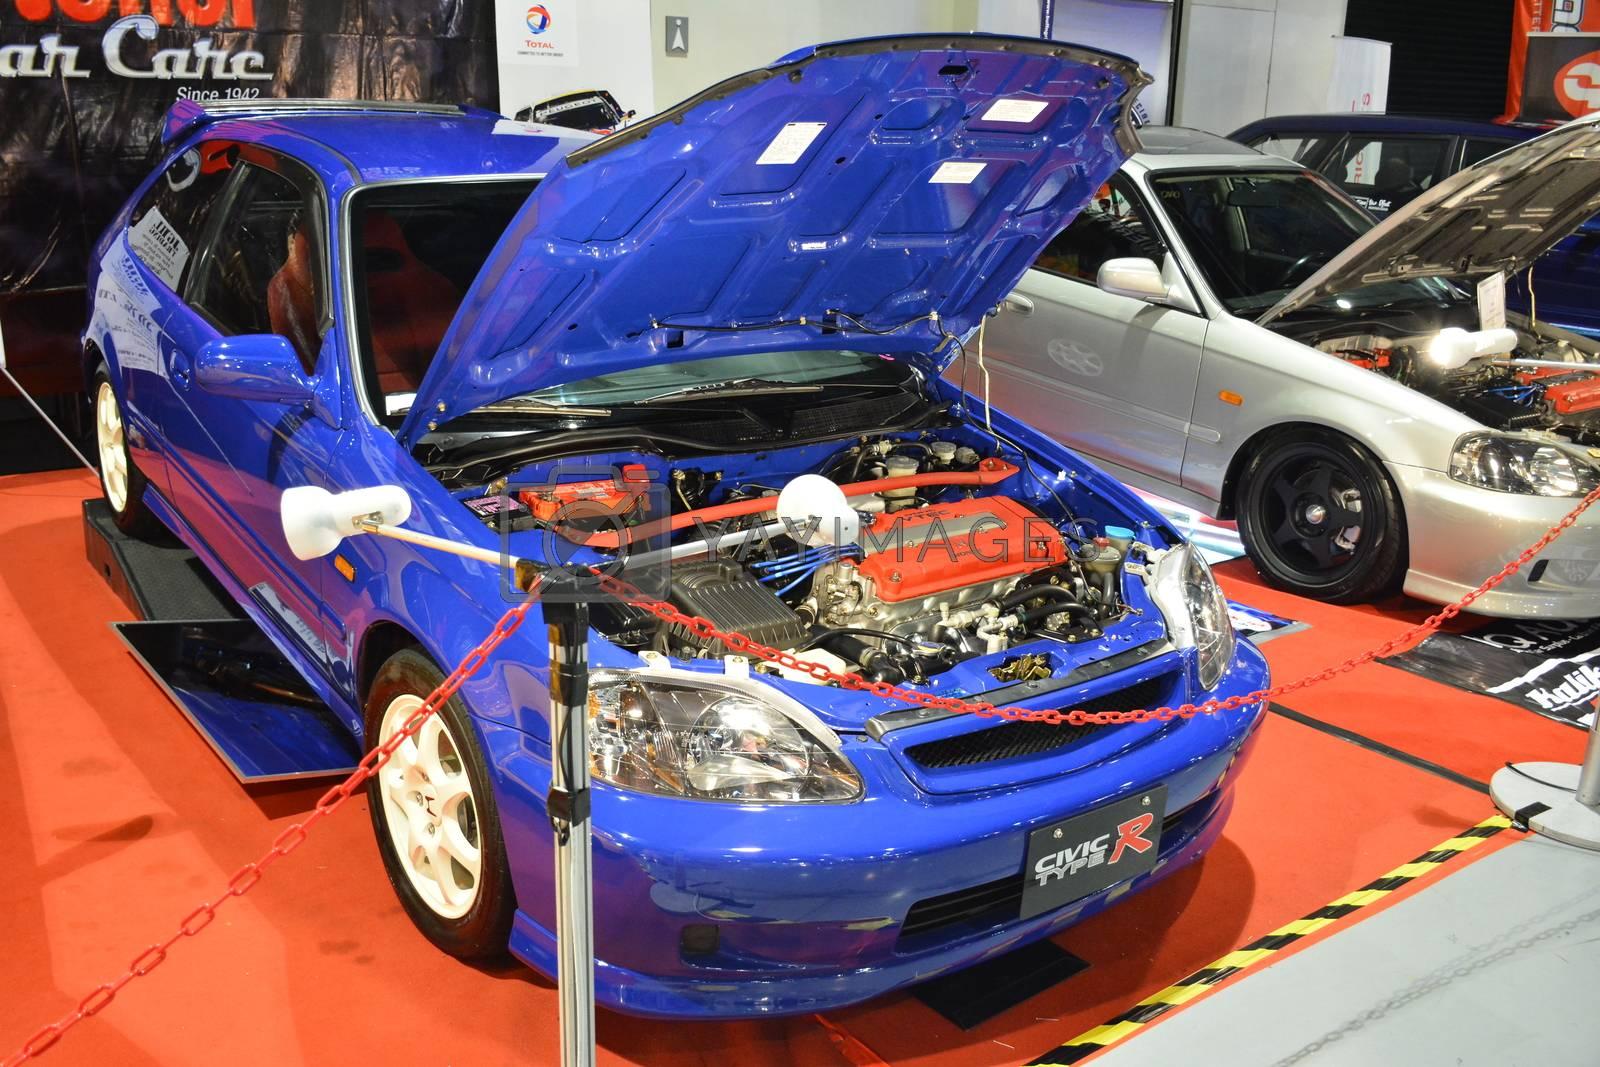 PASAY, PH - MAY 25 - Honda civic at 25th Trans Sport Show on May 25, 2019 in Pasay, Philippines.